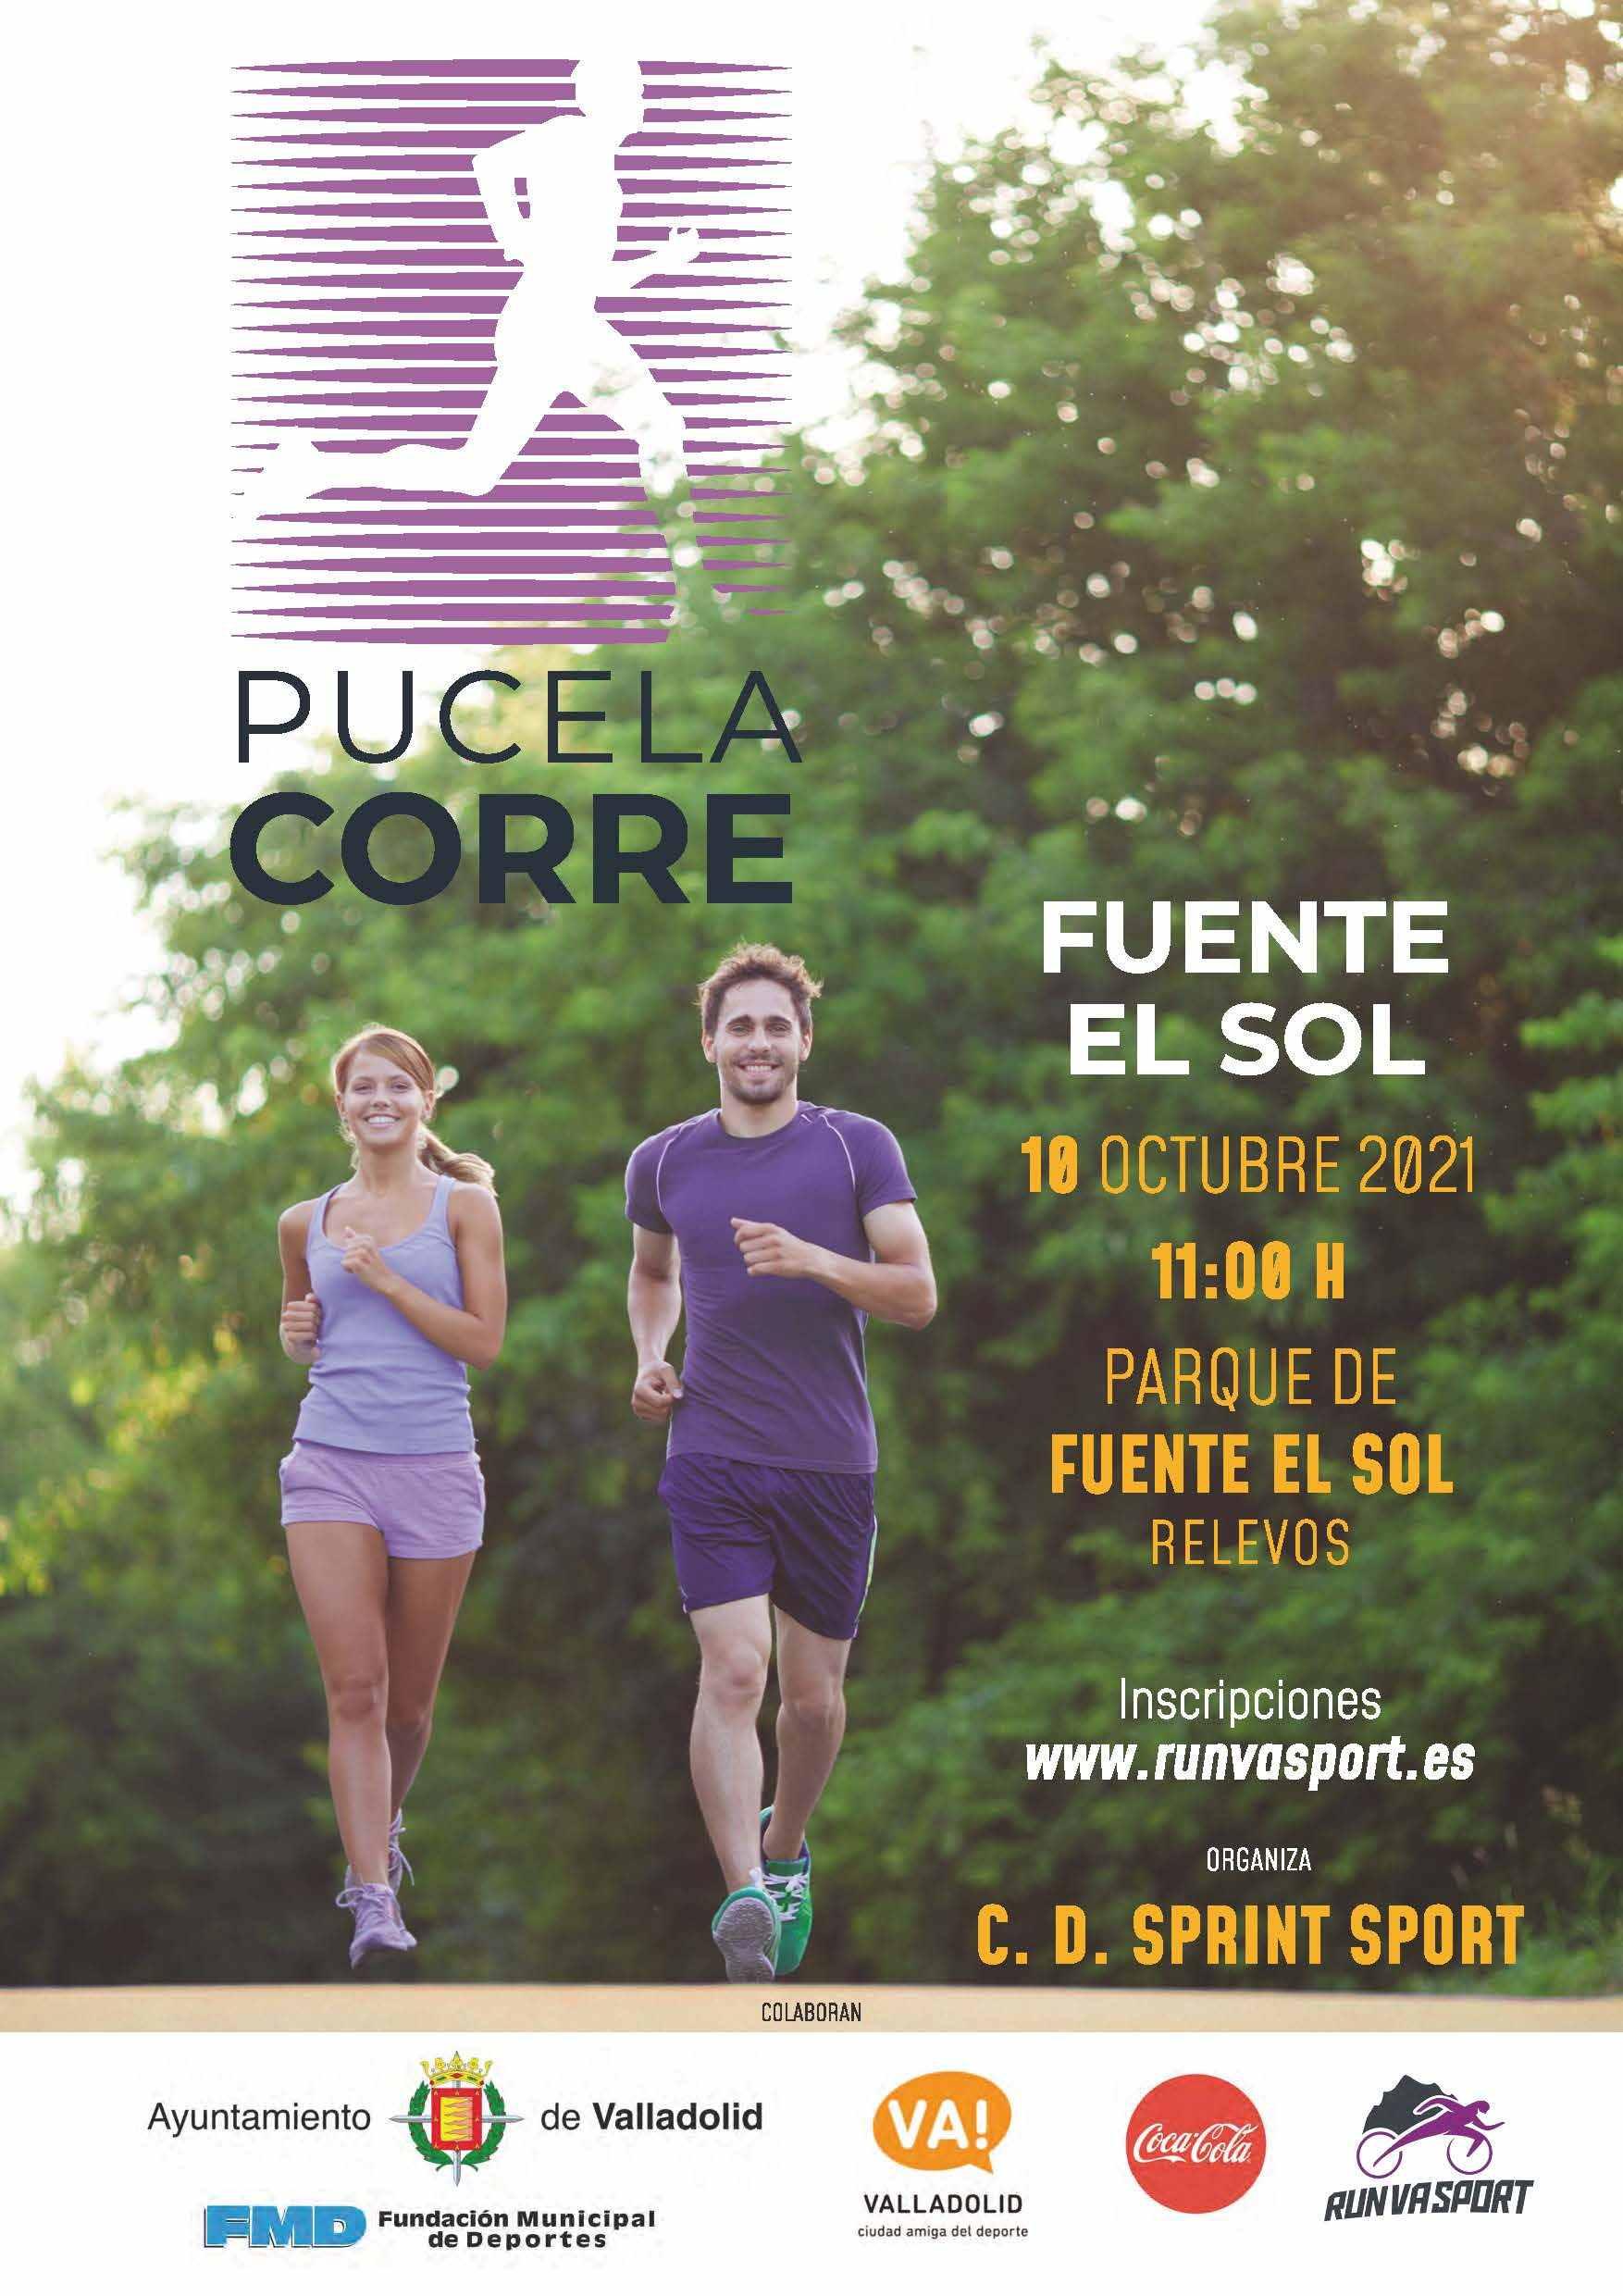 Event Poster PUCELA CORRE-FUENTE EL SOL